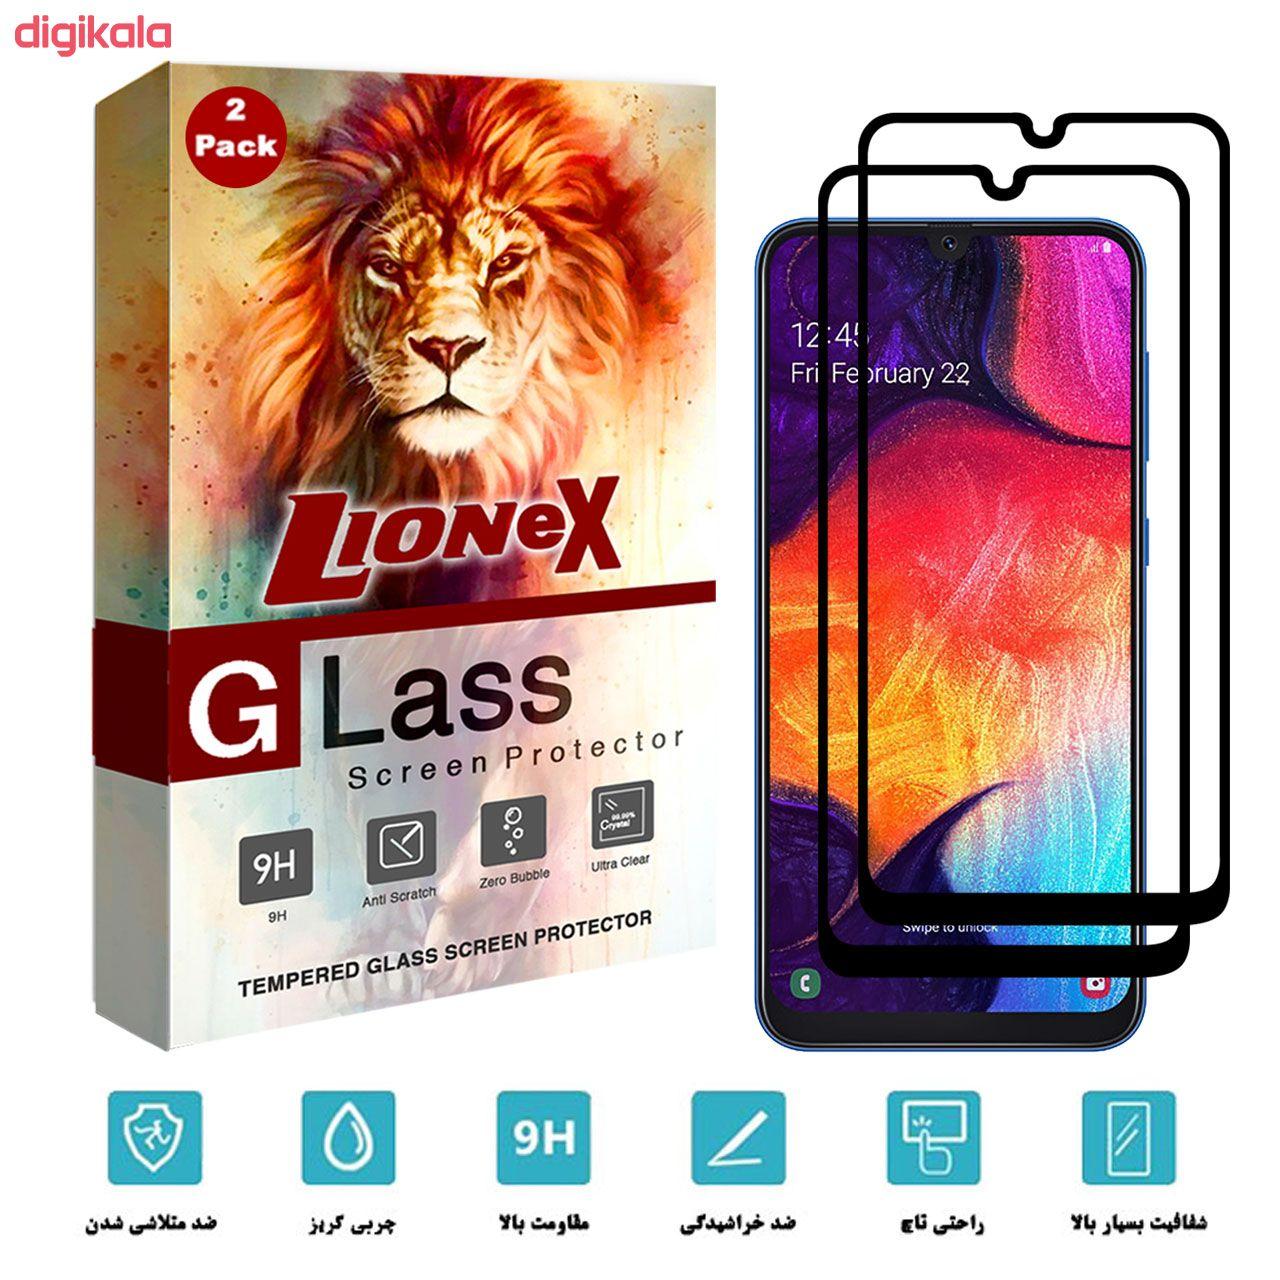 محافظ صفحه نمایش 5D لایونکس مدل USS مناسب برای گوشی موبایل سامسونگ Galaxy A50 بسته دو عددی main 1 2